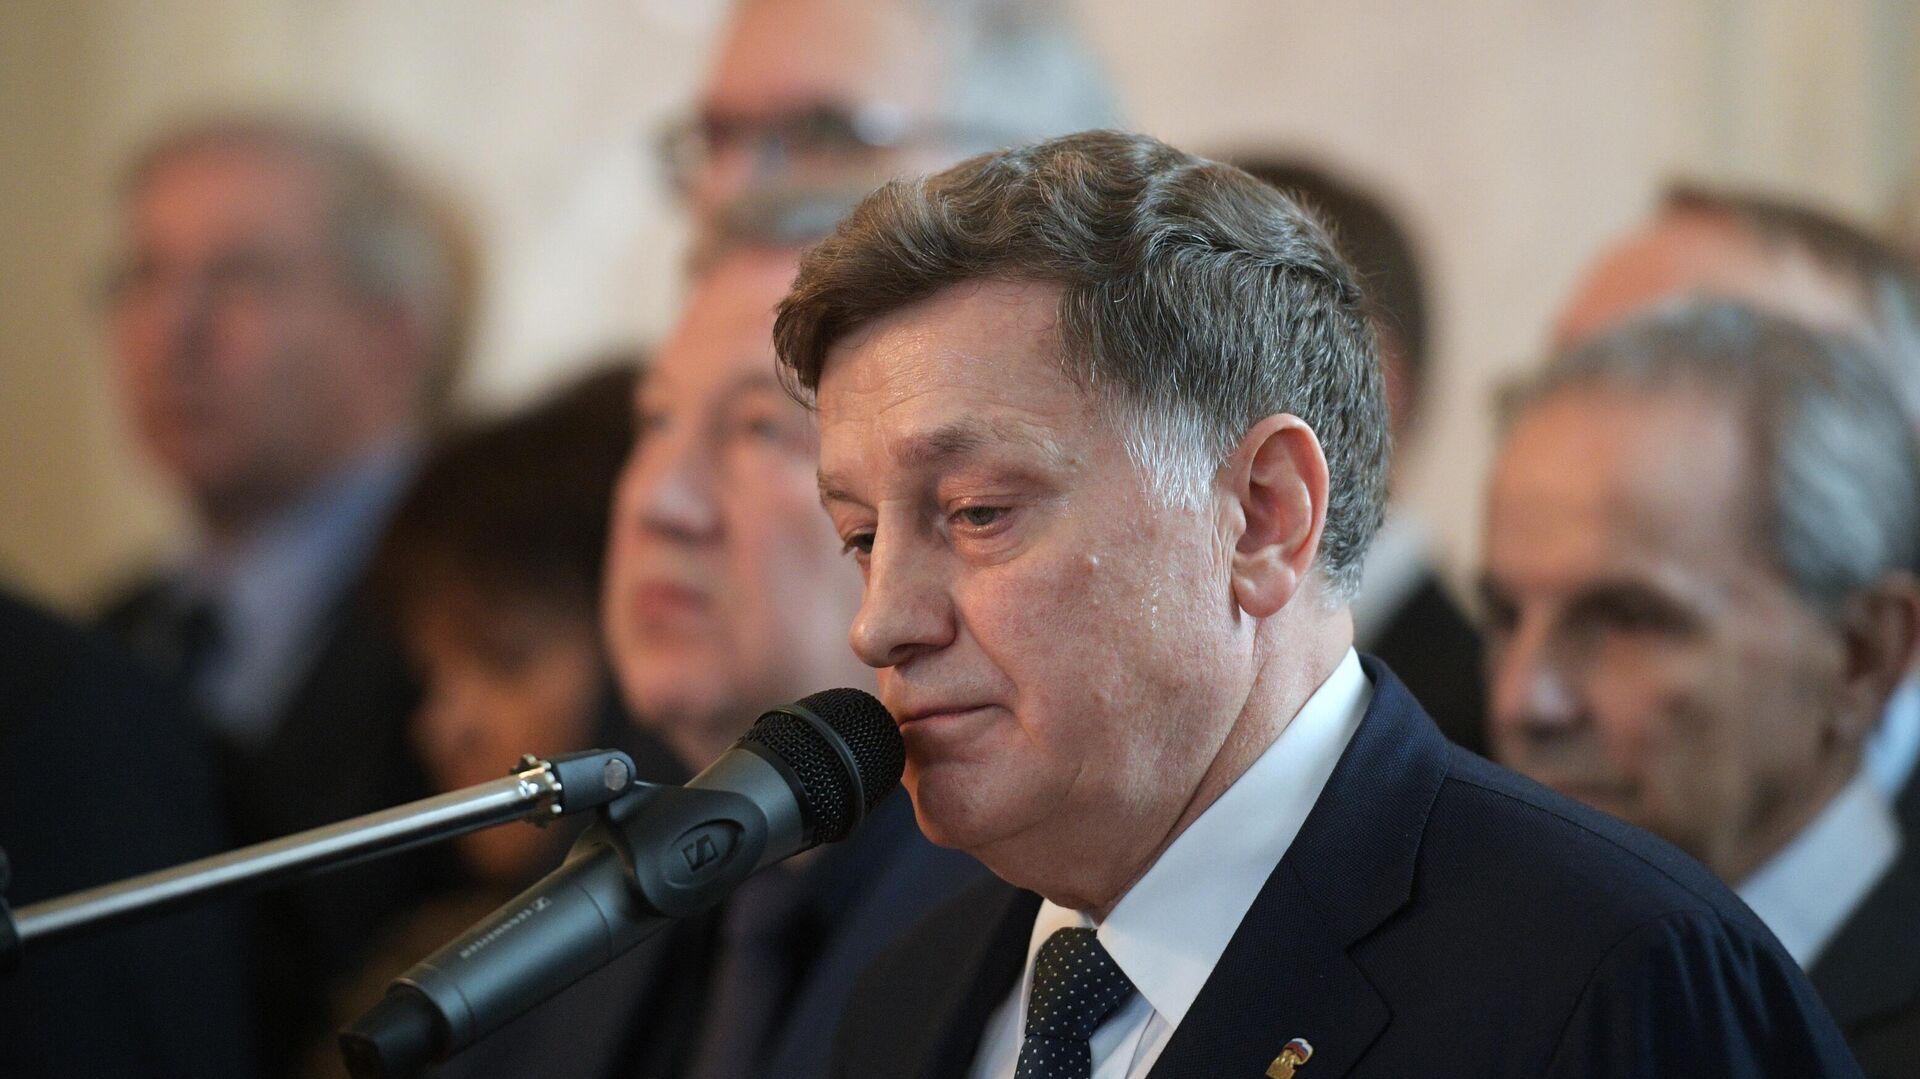 Председатель Законодательного собрания Санкт-Петербурга Вячеслав Макаров - Sputnik Таджикистан, 1920, 07.04.2021